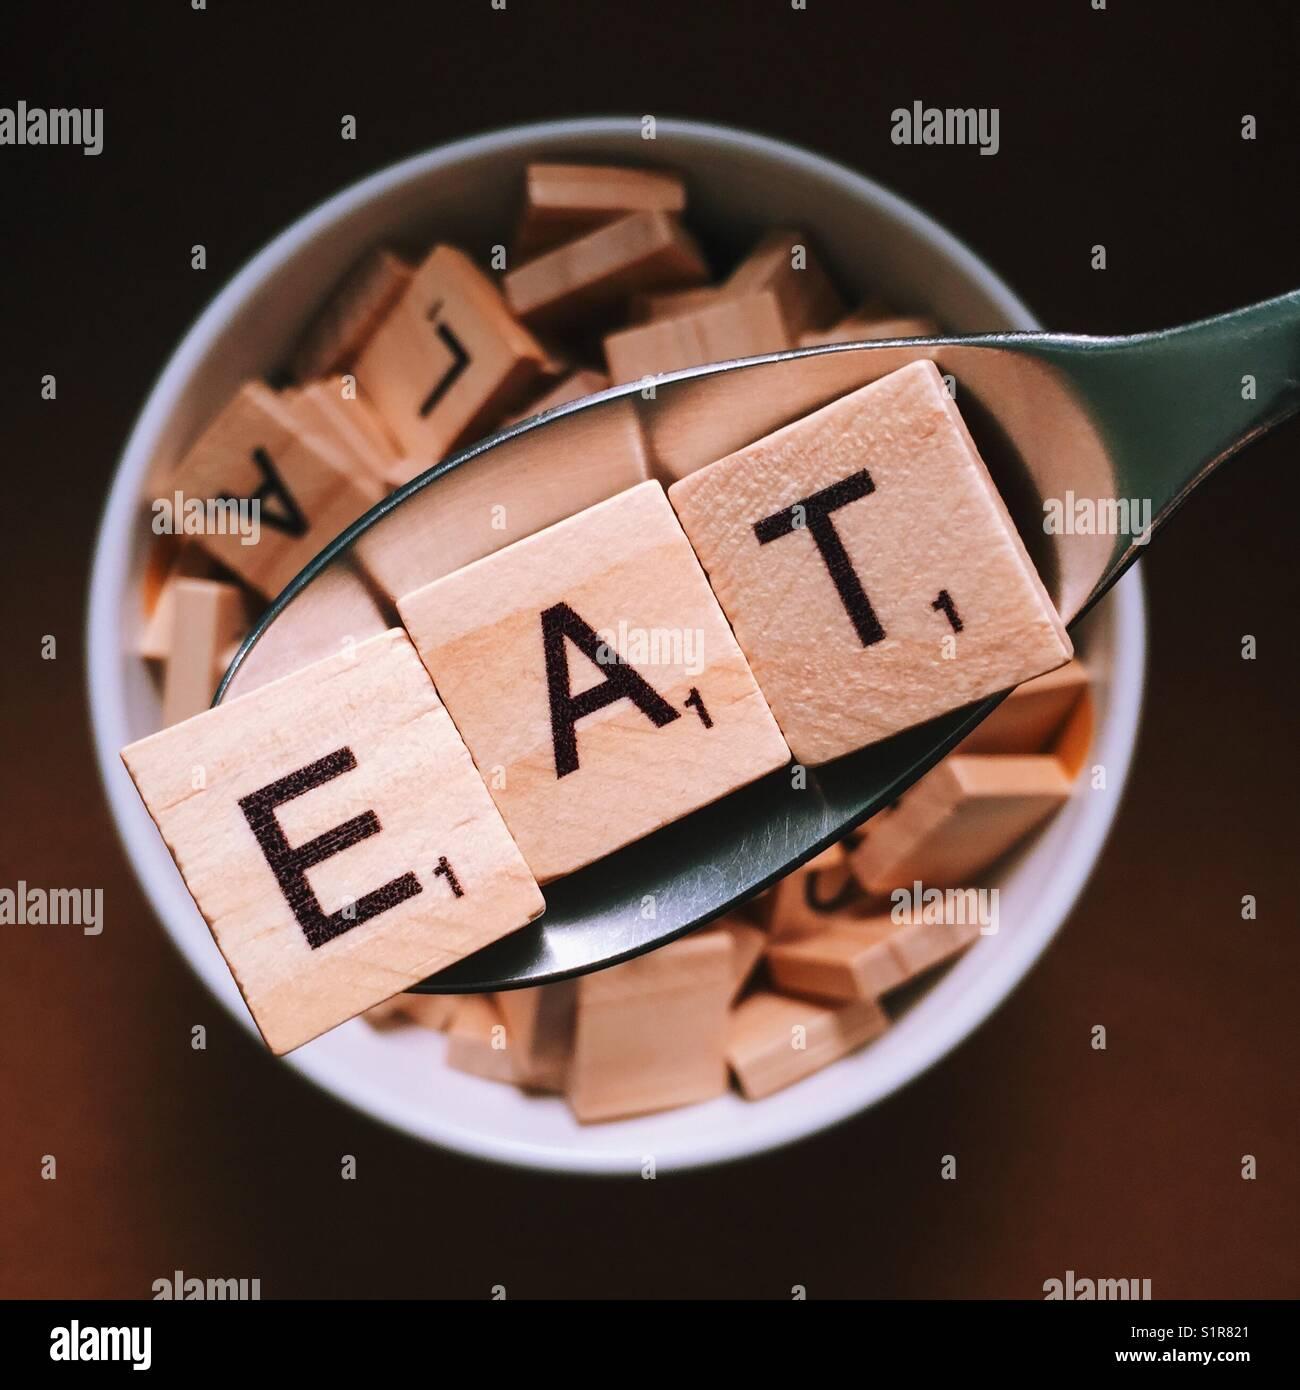 Cerca de una cuchara de madera con letras en ortografía que comer y un cuenco lleno de letras de madera debajo Imagen De Stock